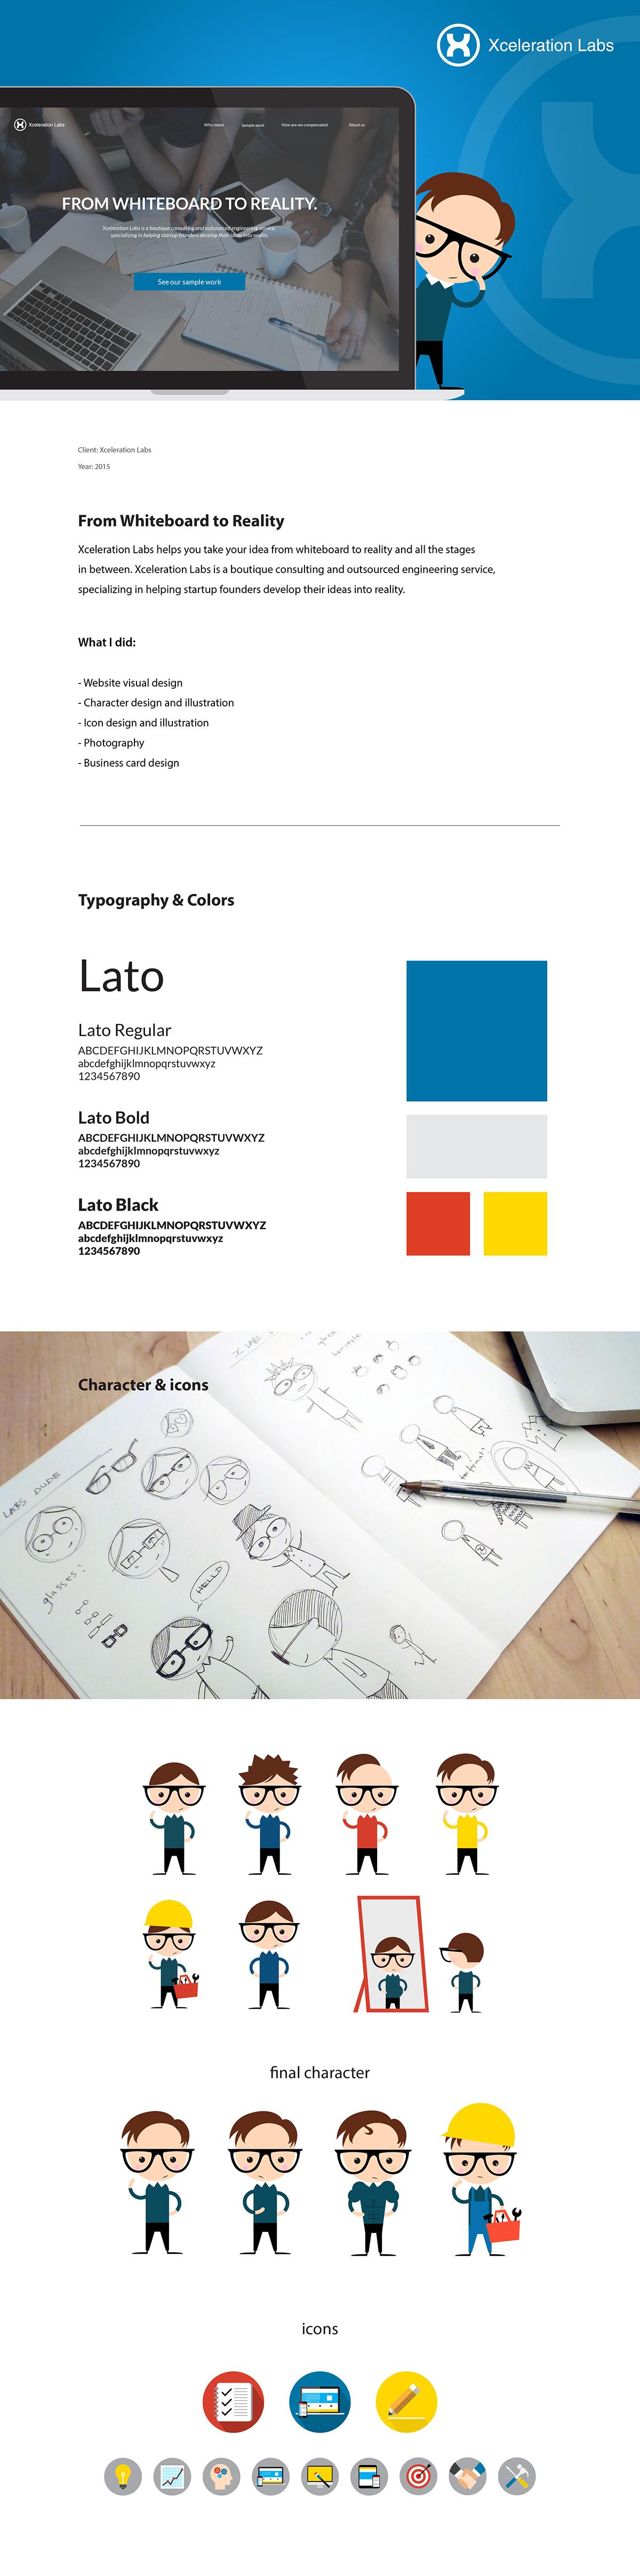 Website Design graphic design  Character design  ILLUSTRATION  Web Layout